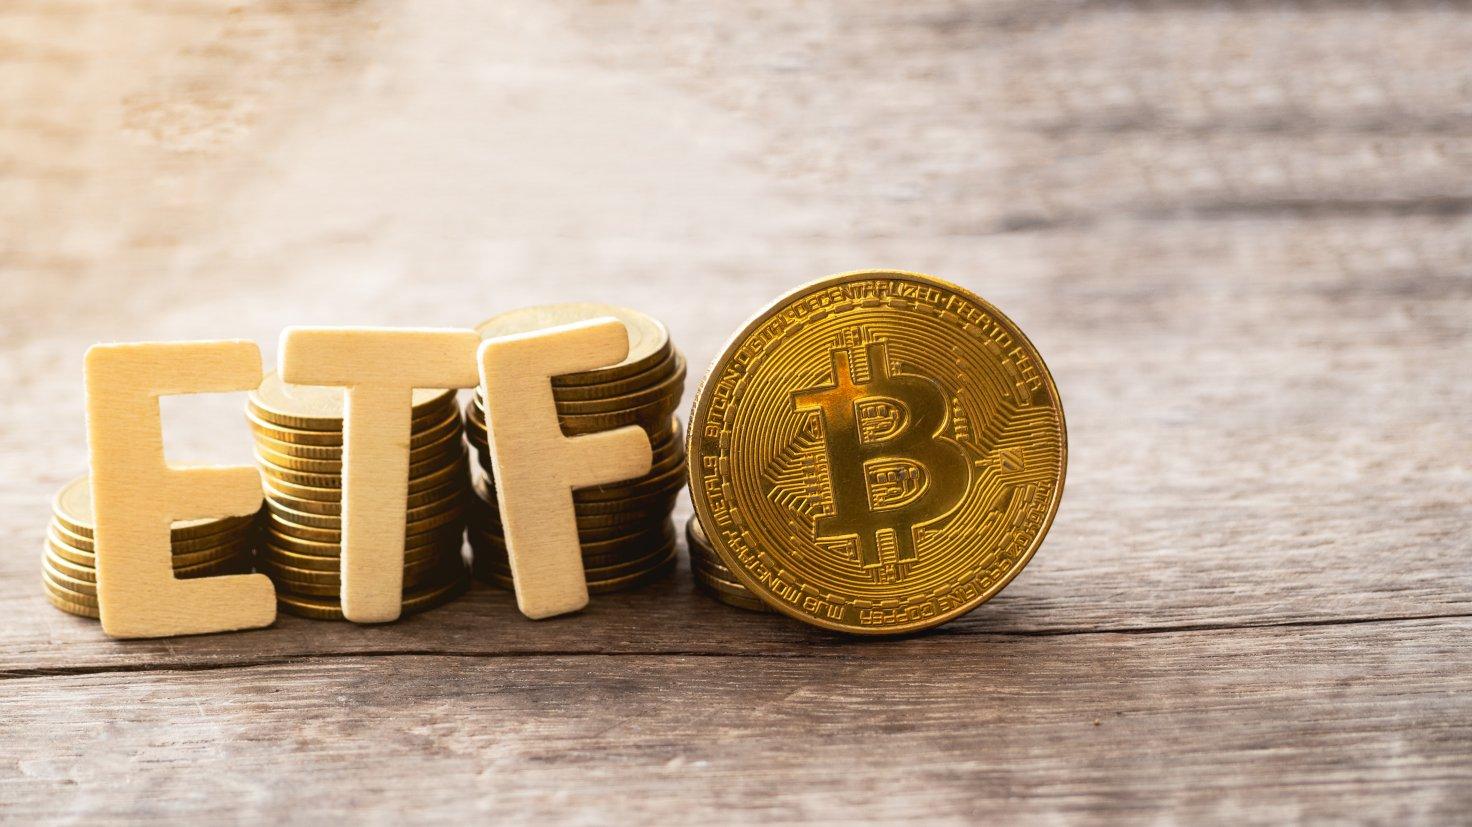 تعرف على تفاصيل الموافقة على أول صندوق لتداول مؤشر البيتكوين ETF في أمريكا اللاتينية